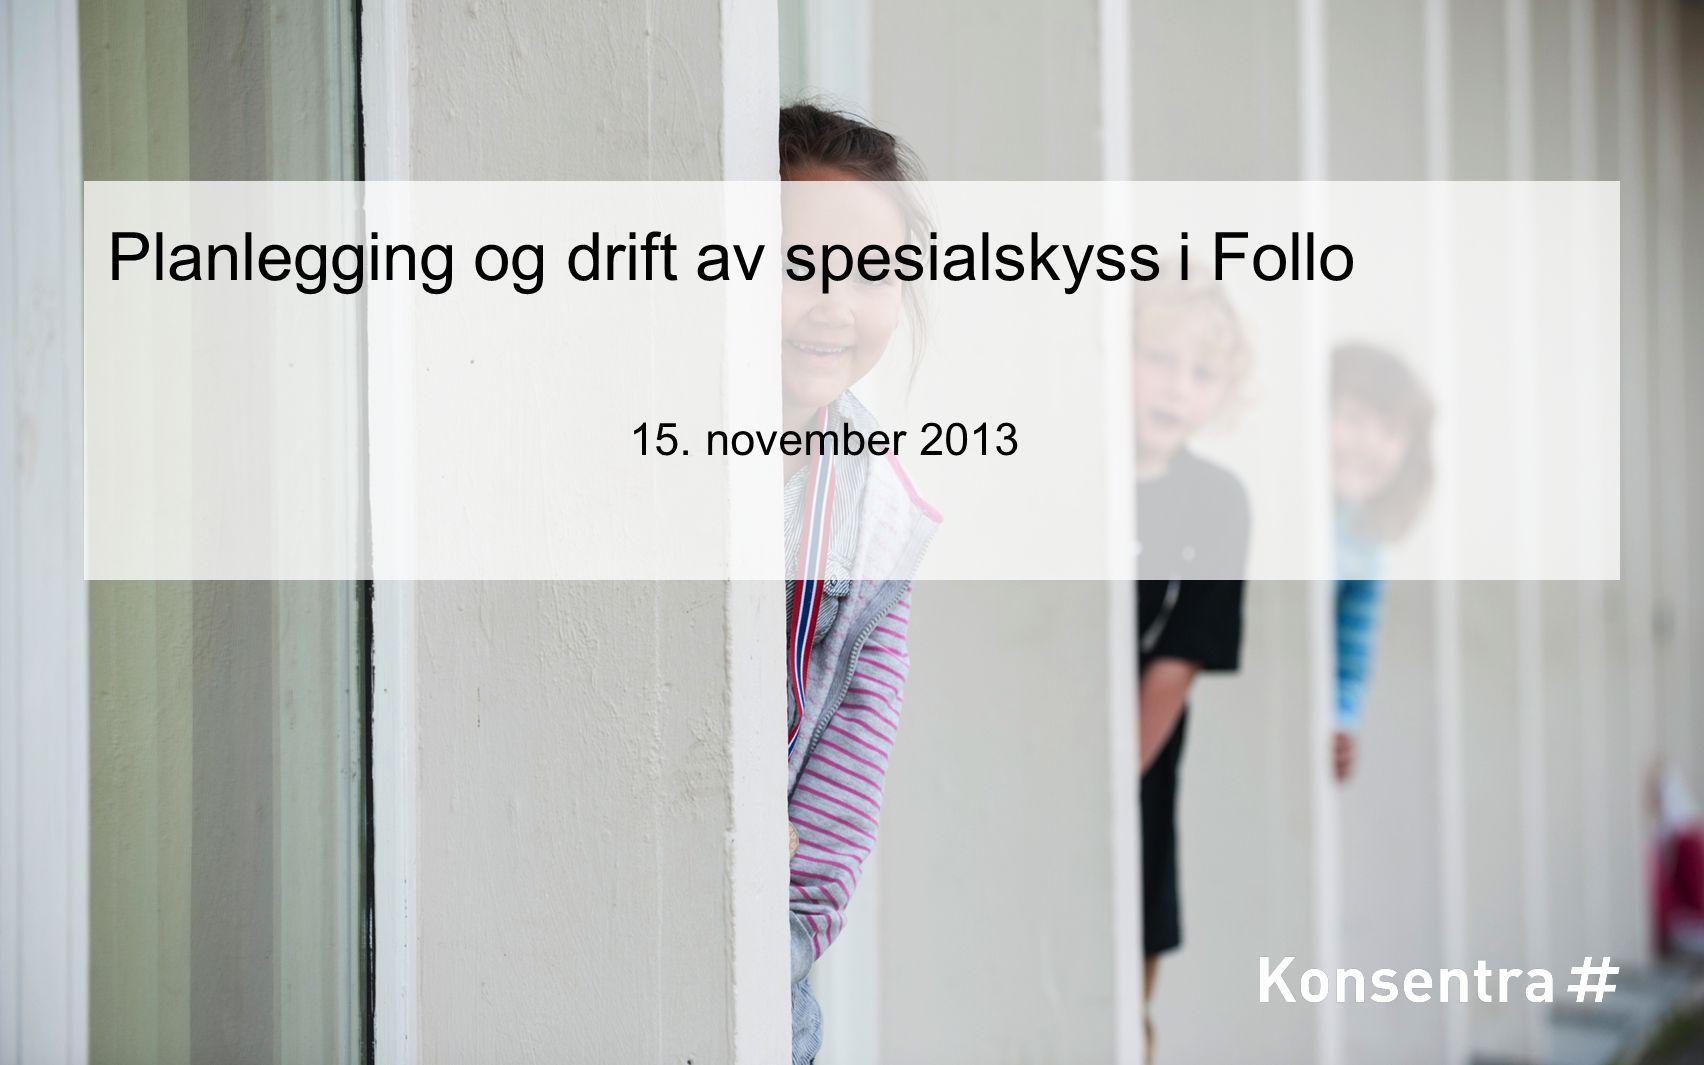 Planlegging og drift av spesialskyss i Follo 15. november 2013